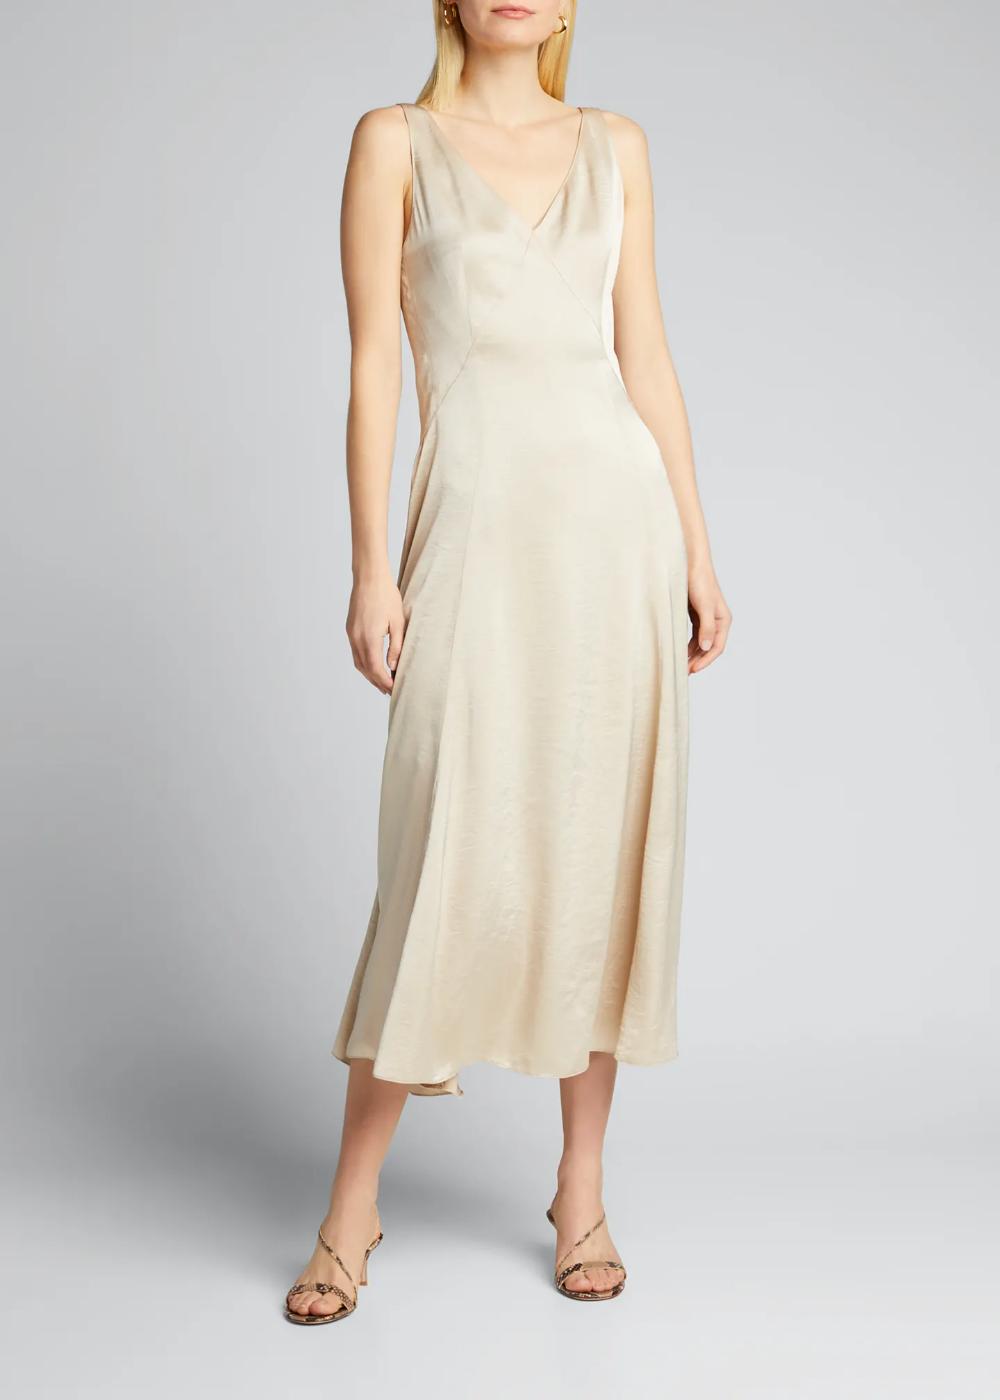 Elie Tahari Olive Sleeveless Satin Midi Dress Satin Midi Dress Dresses Midi Dress [ 1400 x 1000 Pixel ]